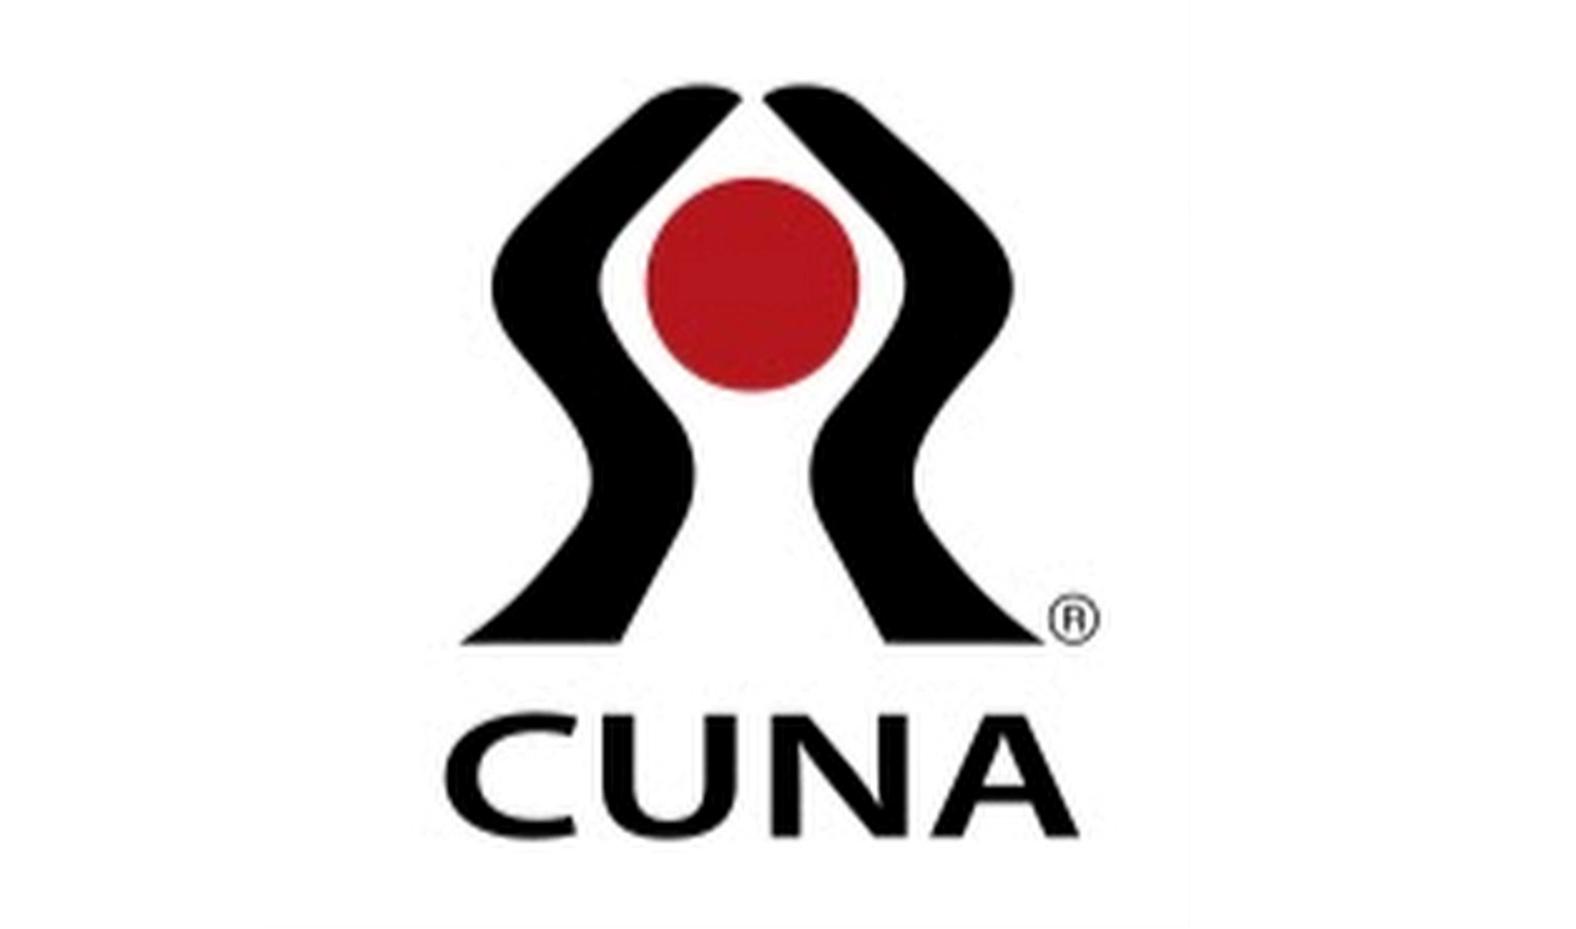 Cuna_logo2